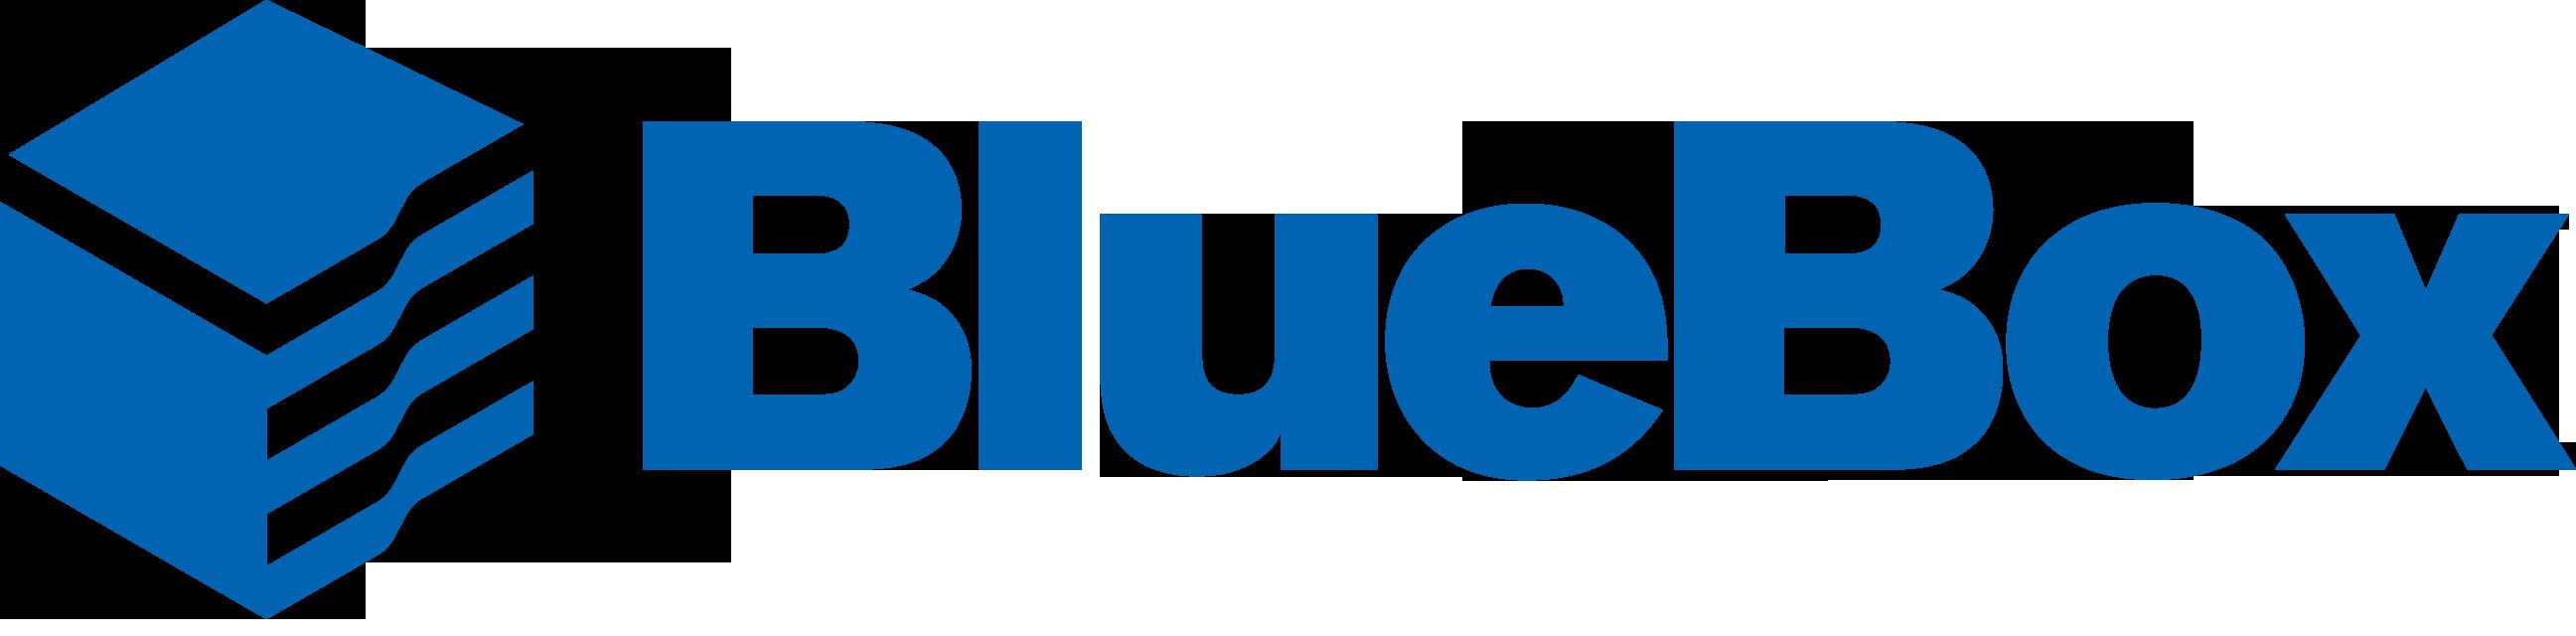 Bluebox climatizzatori condizionatori chiller industriali e commerciali